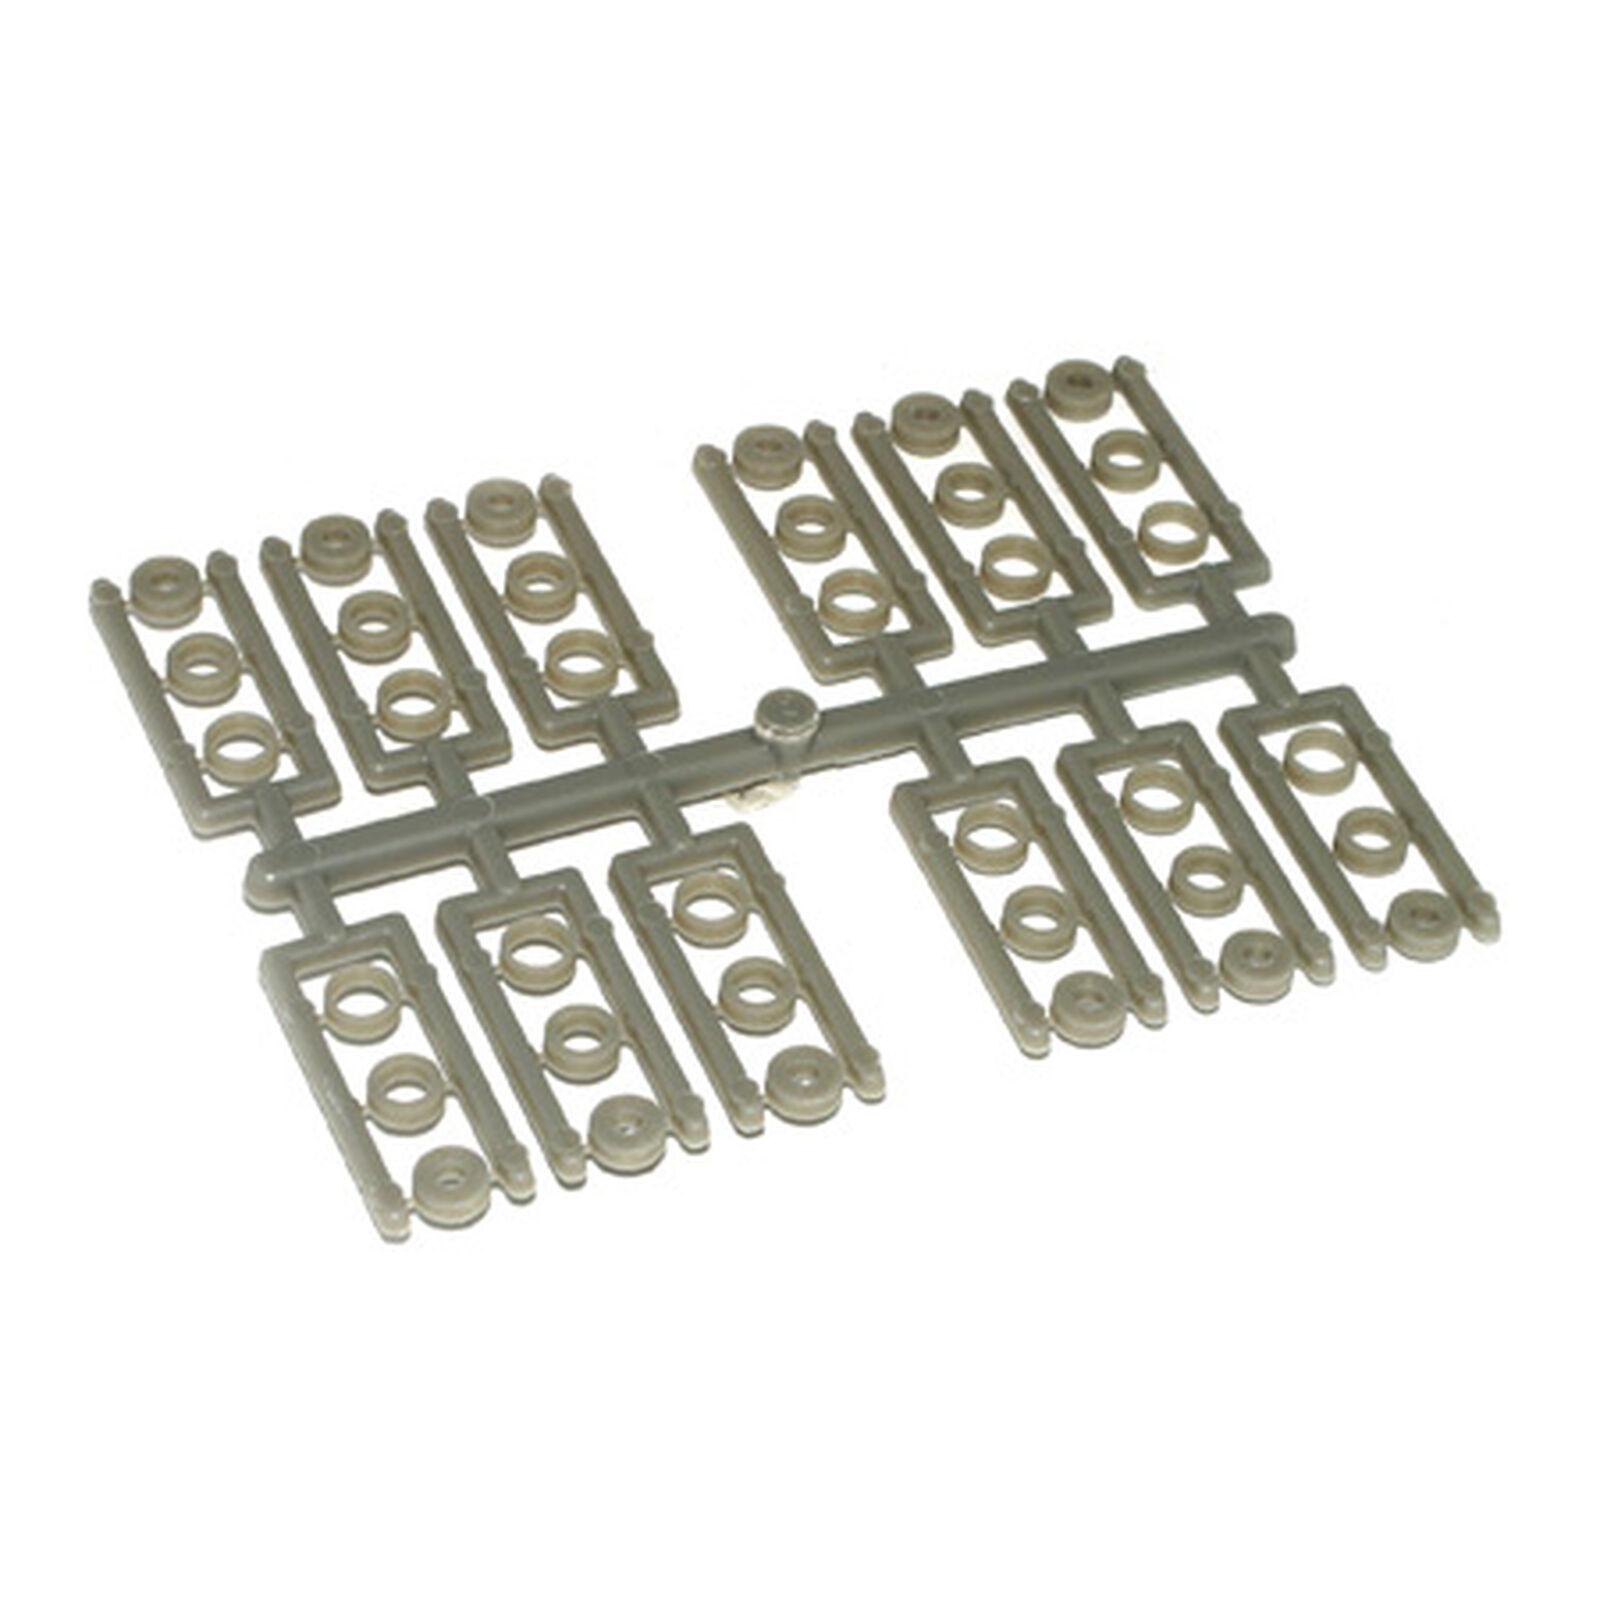 Metric Prop Adapters